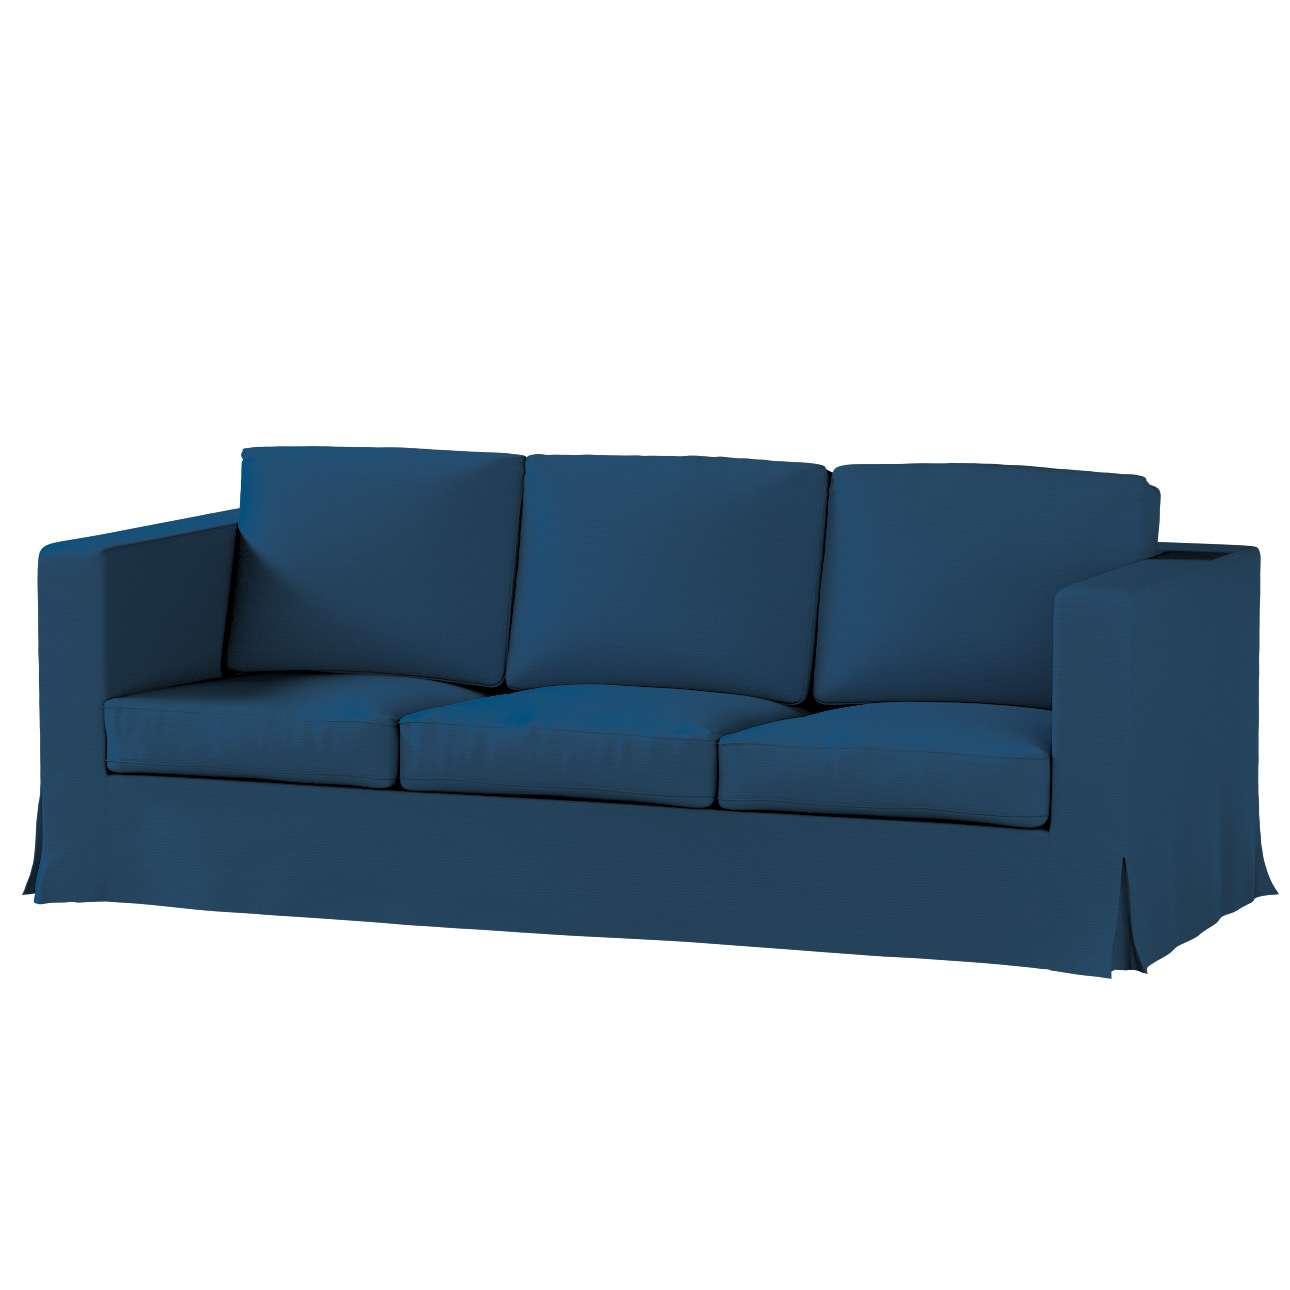 KARLANDA trivietės sofos iki žemės užvalkalas KARLANDA trivietės sofos iki žemės užvalkalas kolekcijoje Cotton Panama, audinys: 702-30